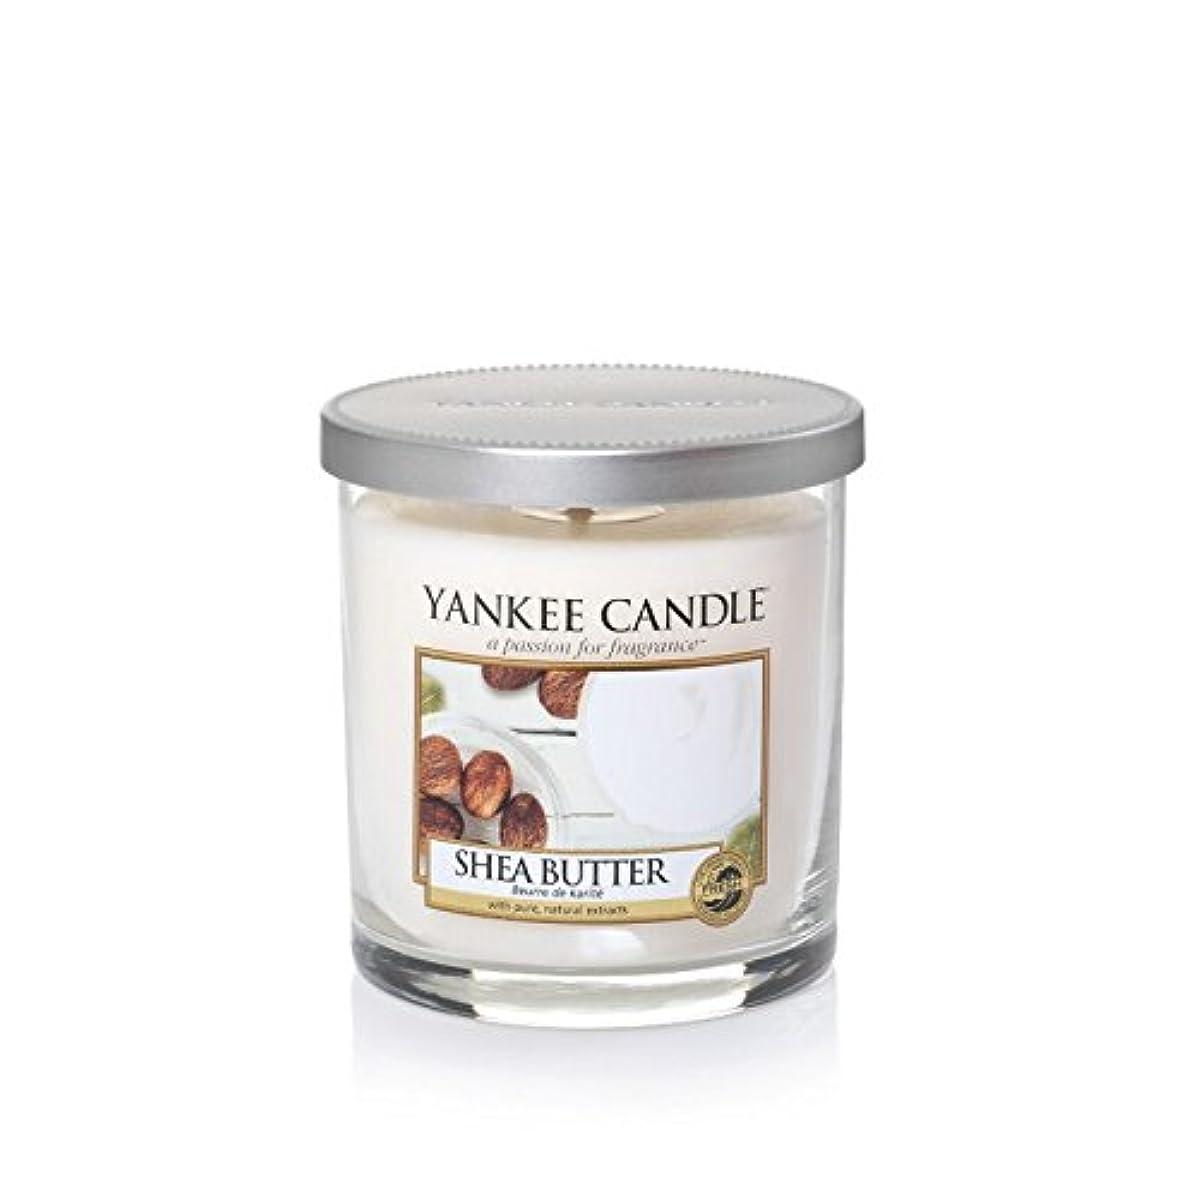 パーチナシティ行為特異性Yankee Candles Small Pillar Candle - Shea Butter (Pack of 2) - ヤンキーキャンドルの小さな柱キャンドル - シアバター (x2) [並行輸入品]